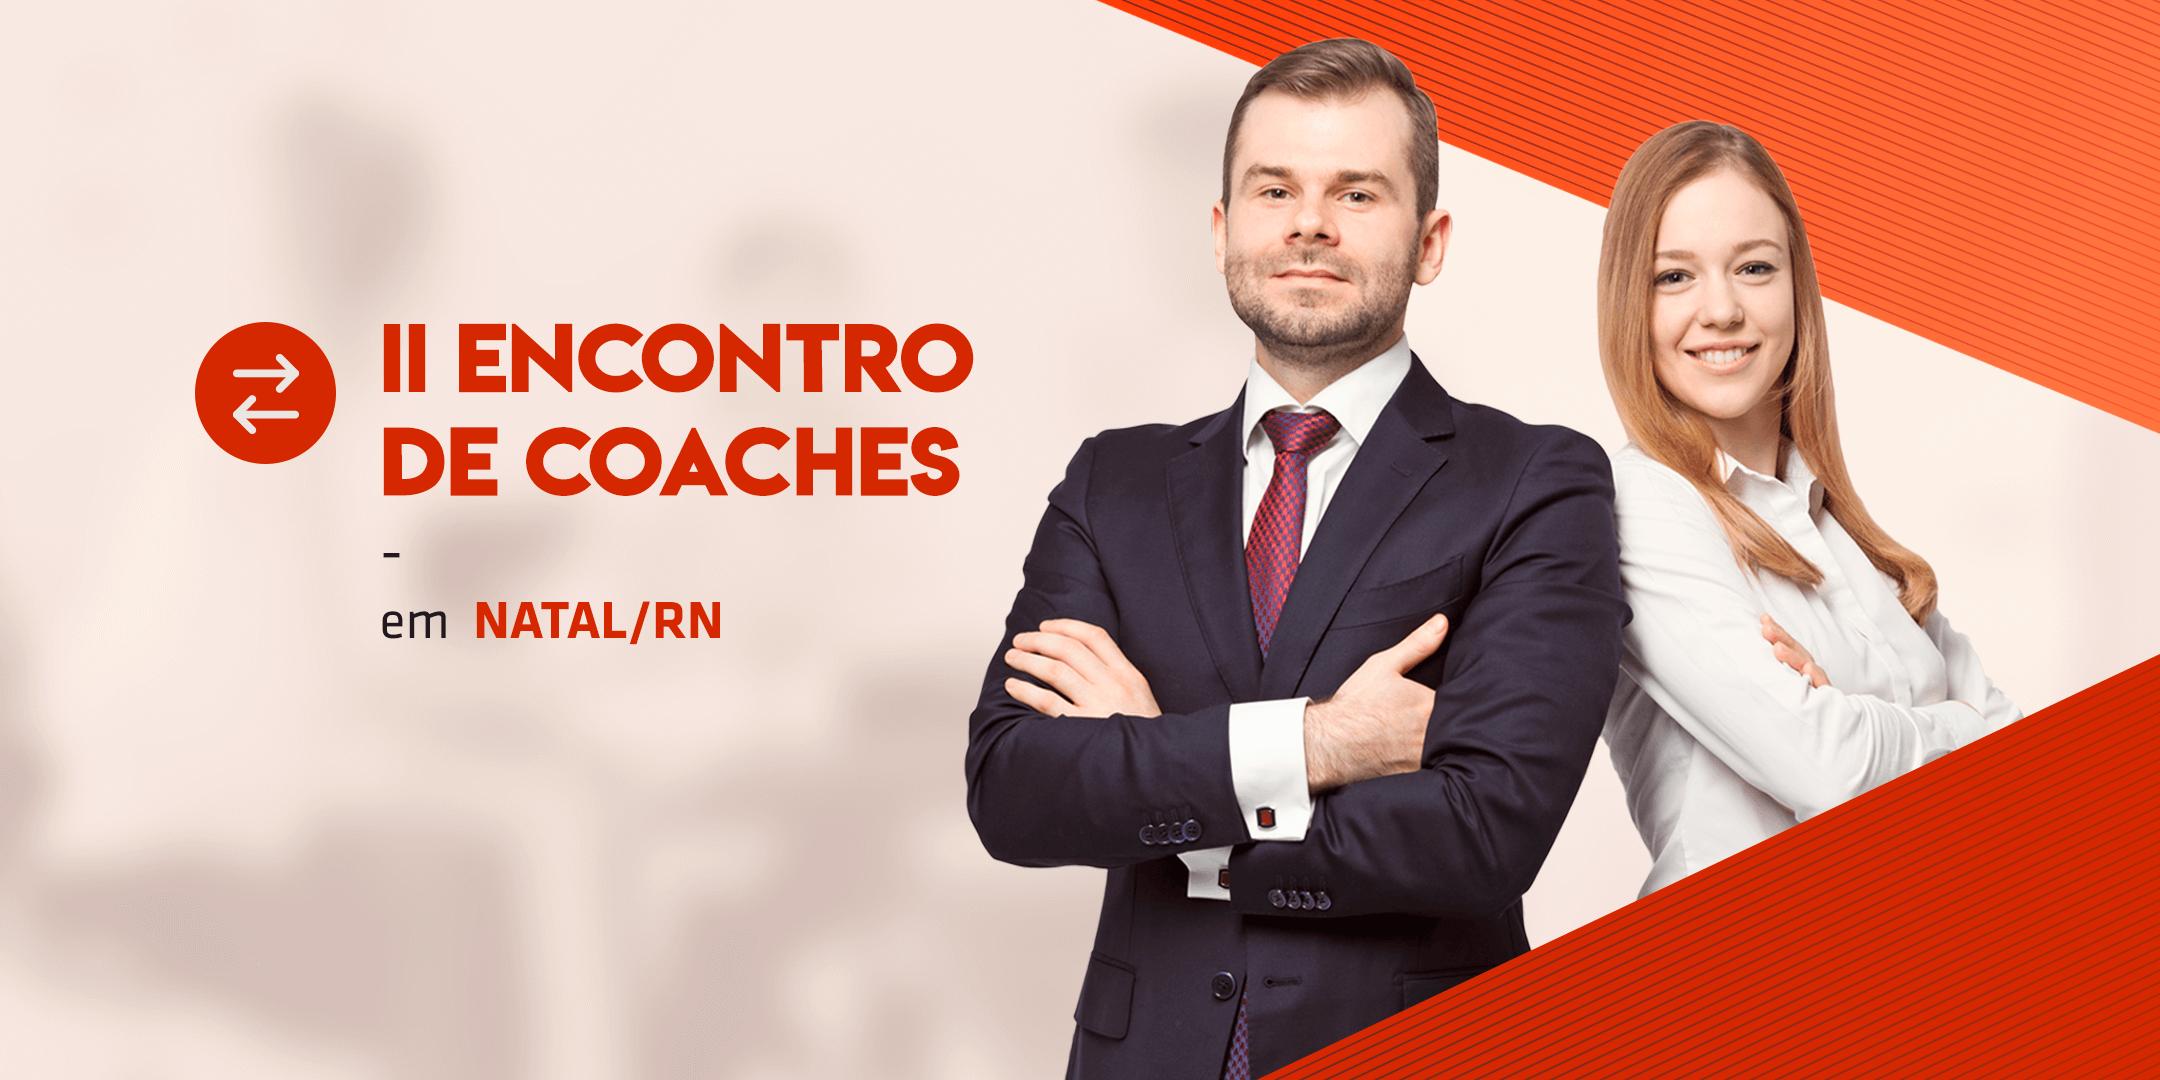 [NATAL/RN] II Encontro de Coaches